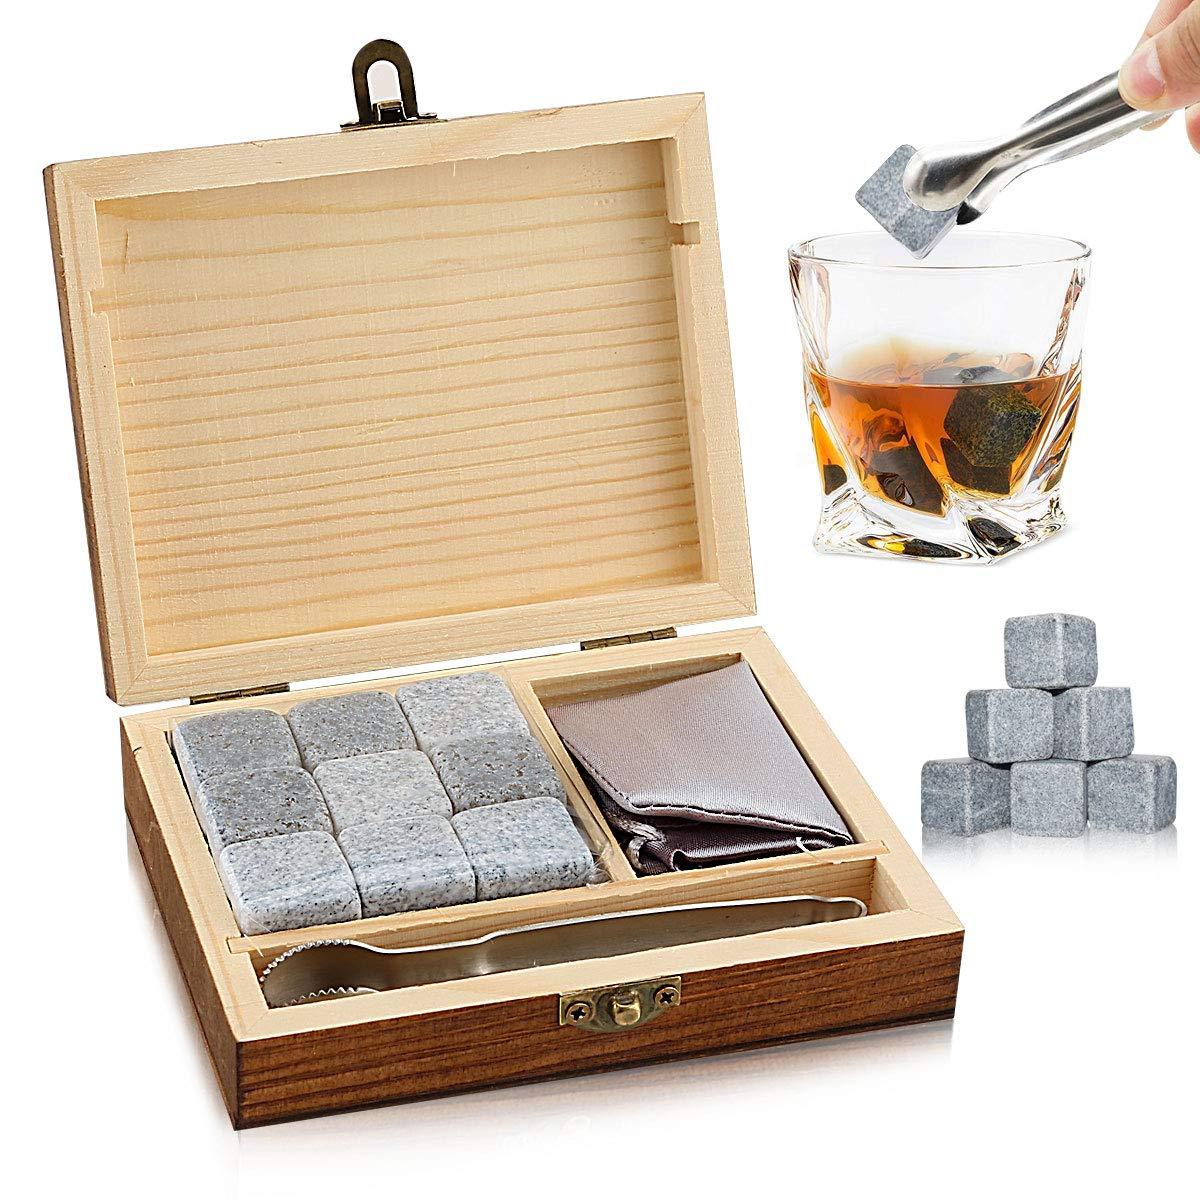 Whisky-Stones-Geschenkset-mit-9-Whisky-Rocks-aus-natrlichem-Speckstein-und-Granit-Chilling-Rocks-mit-stilvoller-Holzbox-und-gratis-Premium-Seidenbeutel